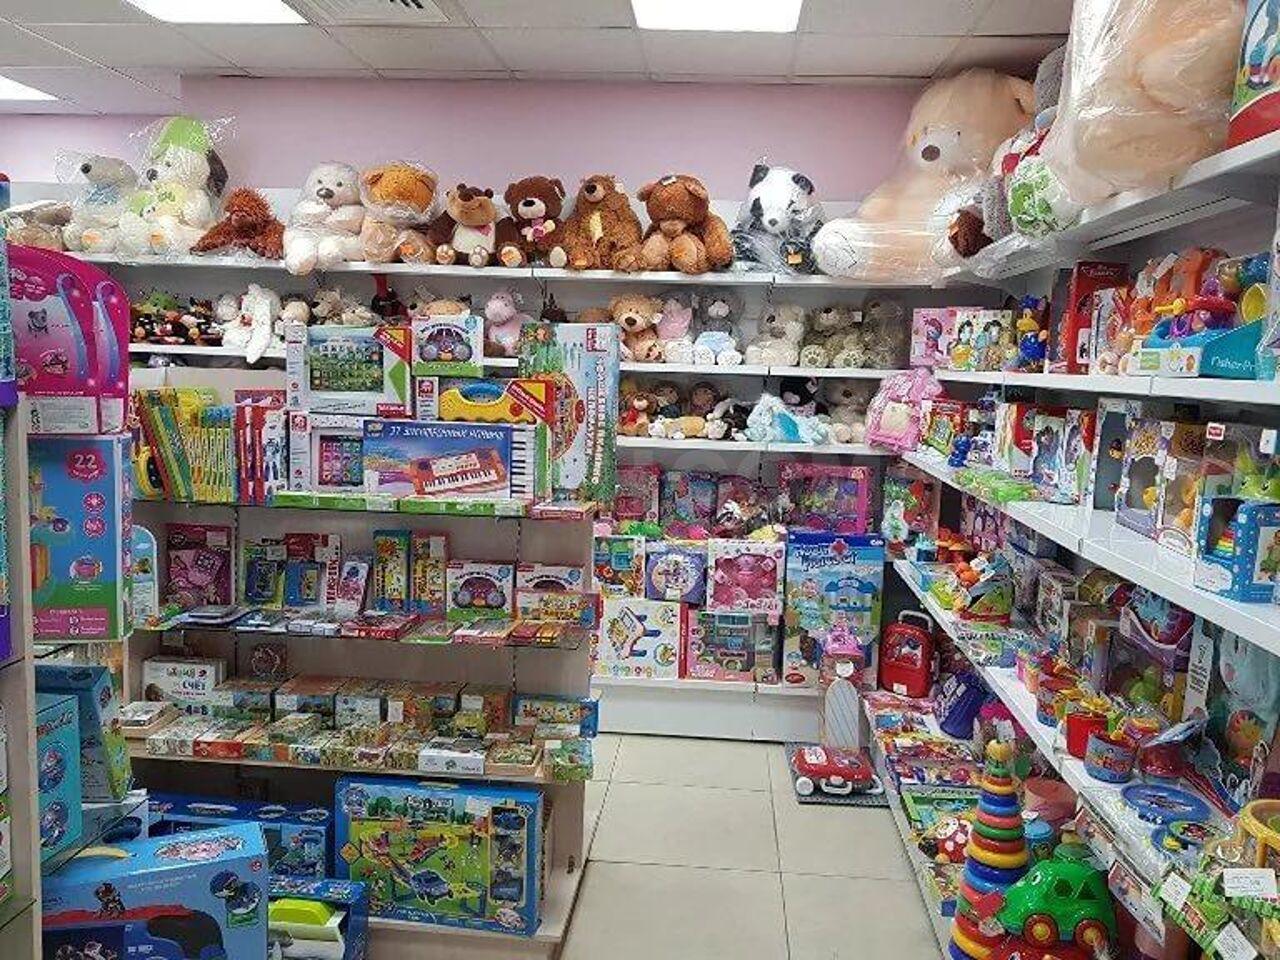 монтаж картинки магазина игрушек которые продаются в россии небольшими ломтиками